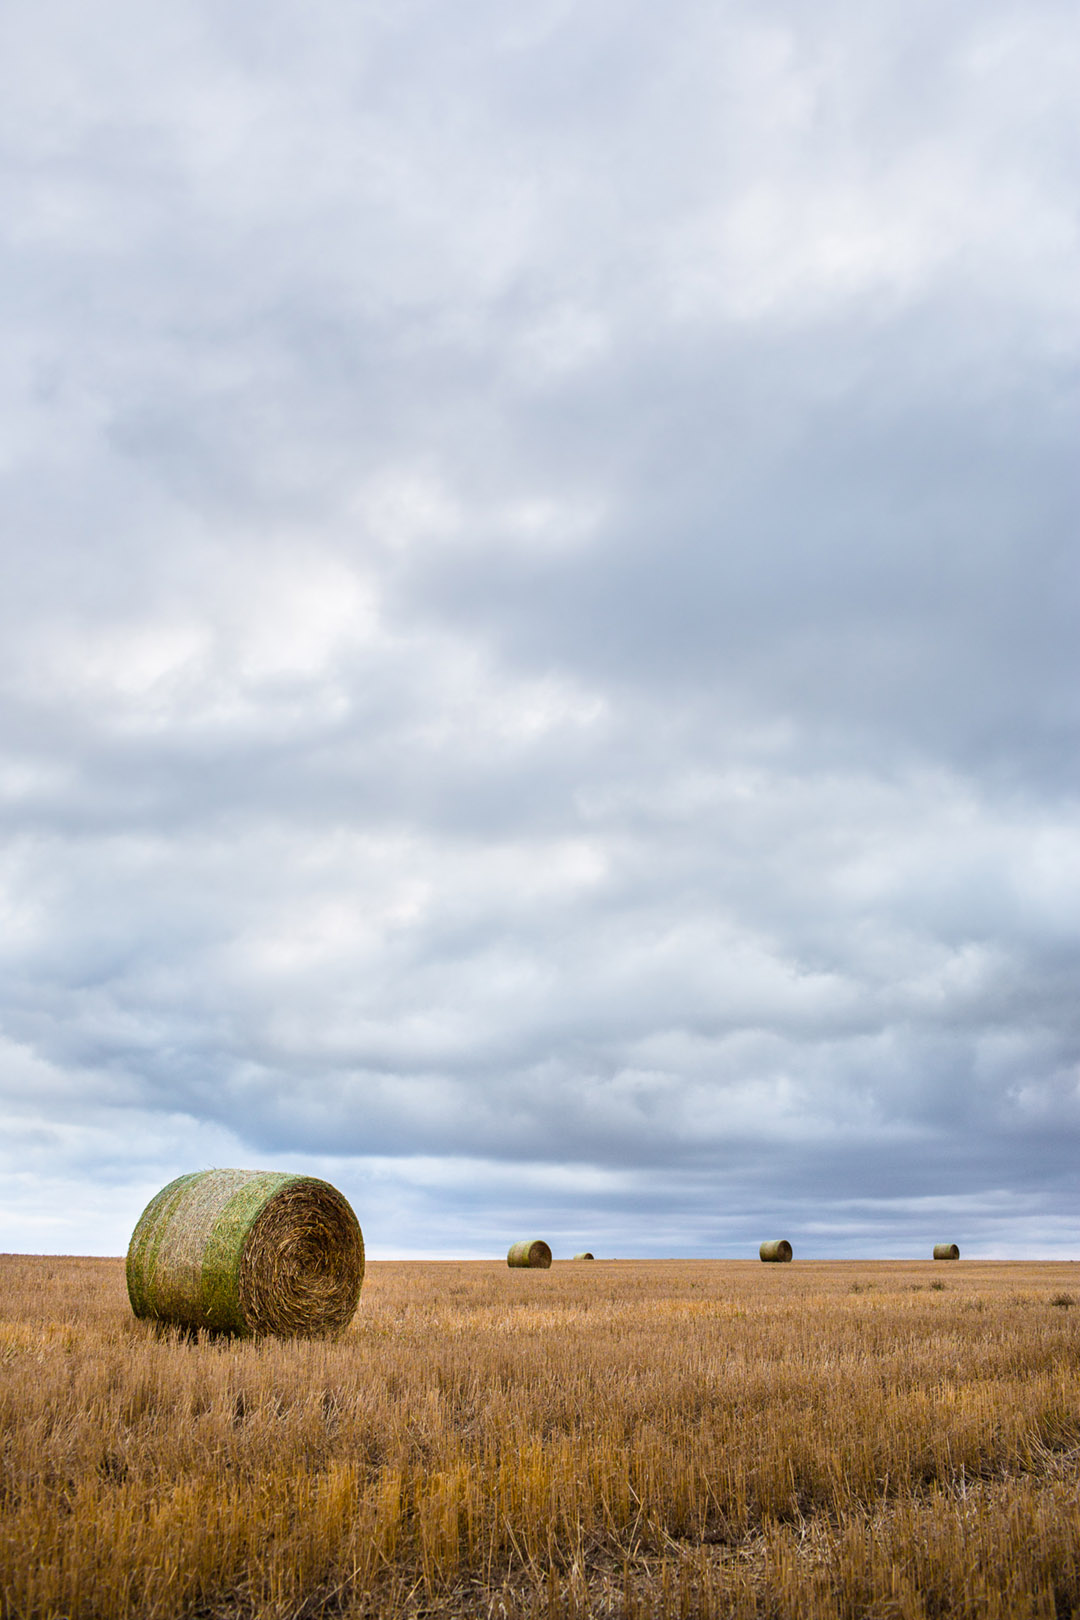 Hay Bails In A Field In Colorado